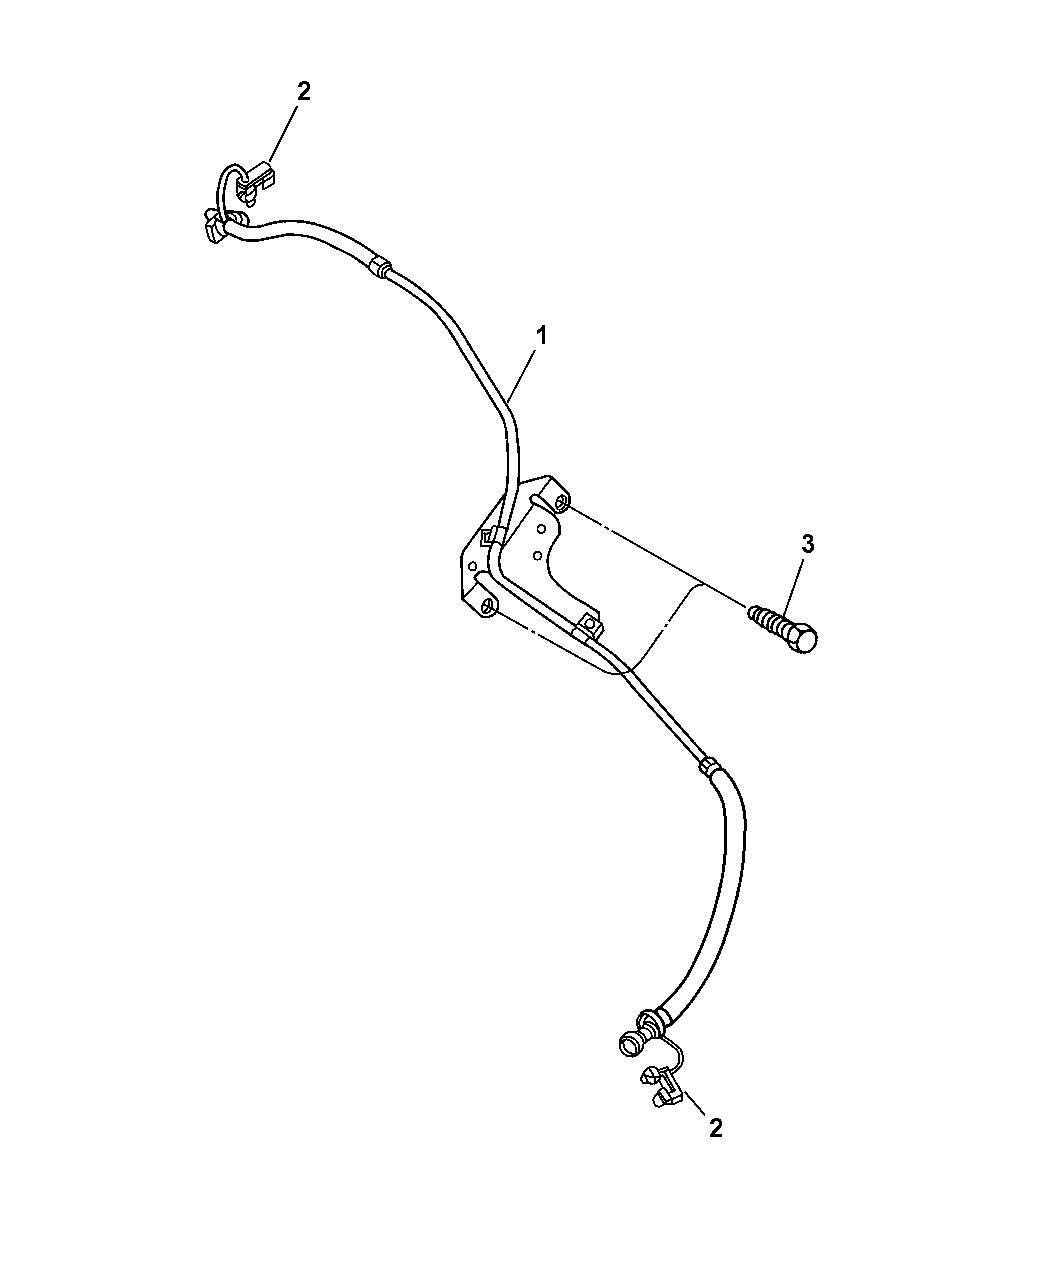 2005 dodge ram 1500 fuel lines, front